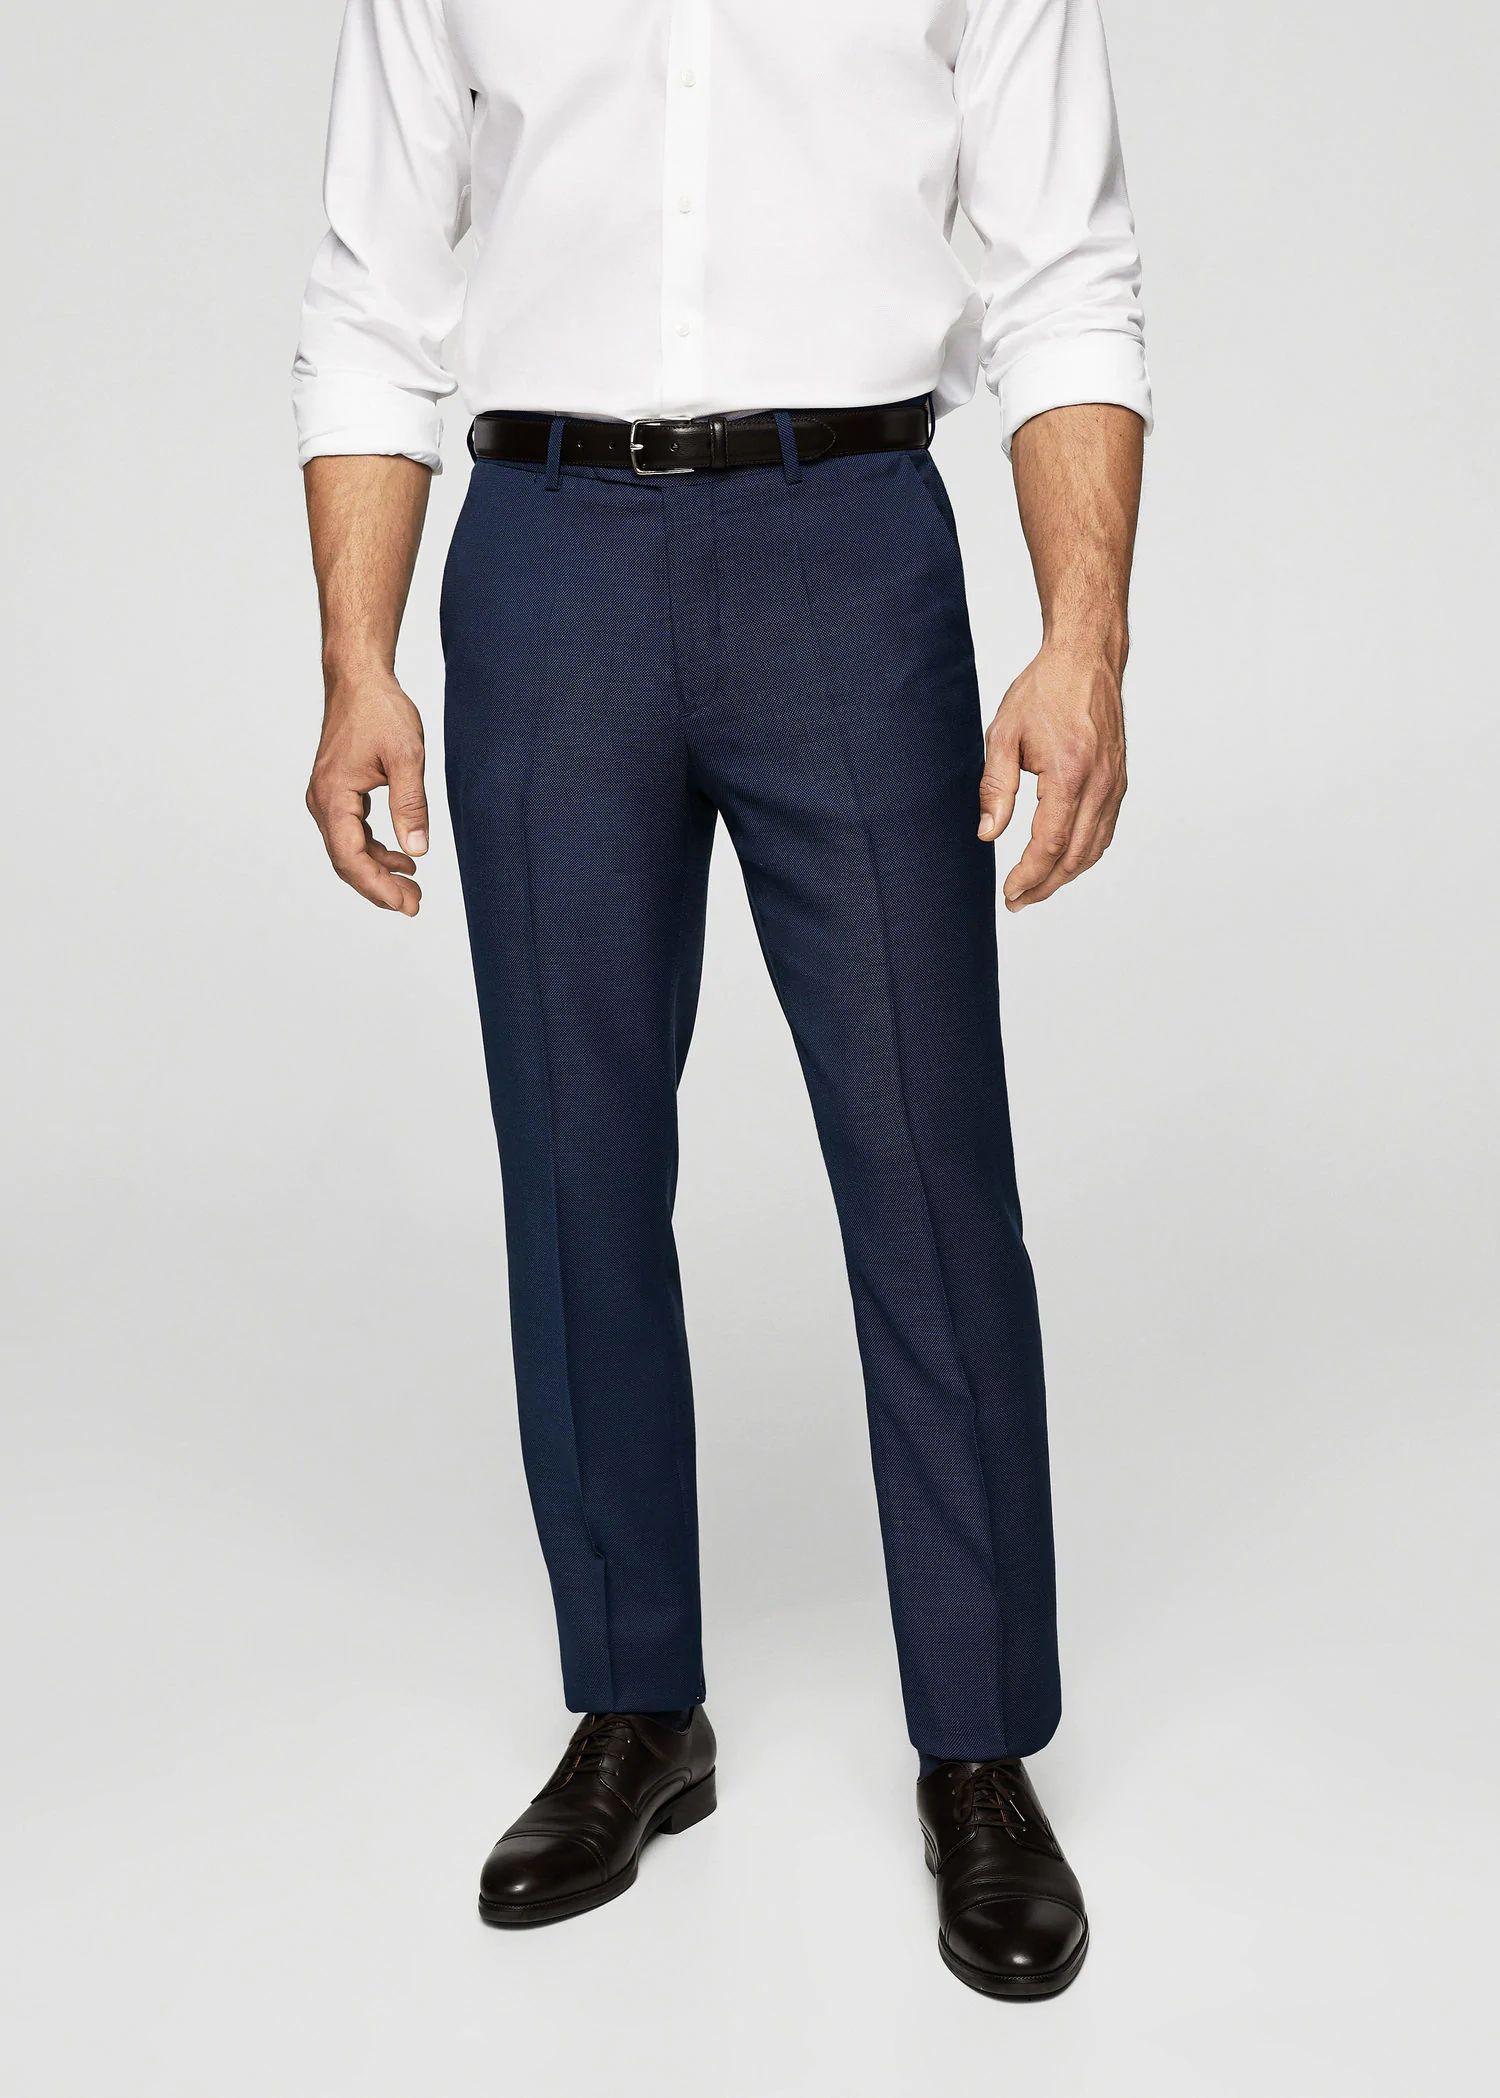 Sélection de produits en soldes - Ex : Pantalon de costume slim-fit microstructure (tailles 36 ou 38)